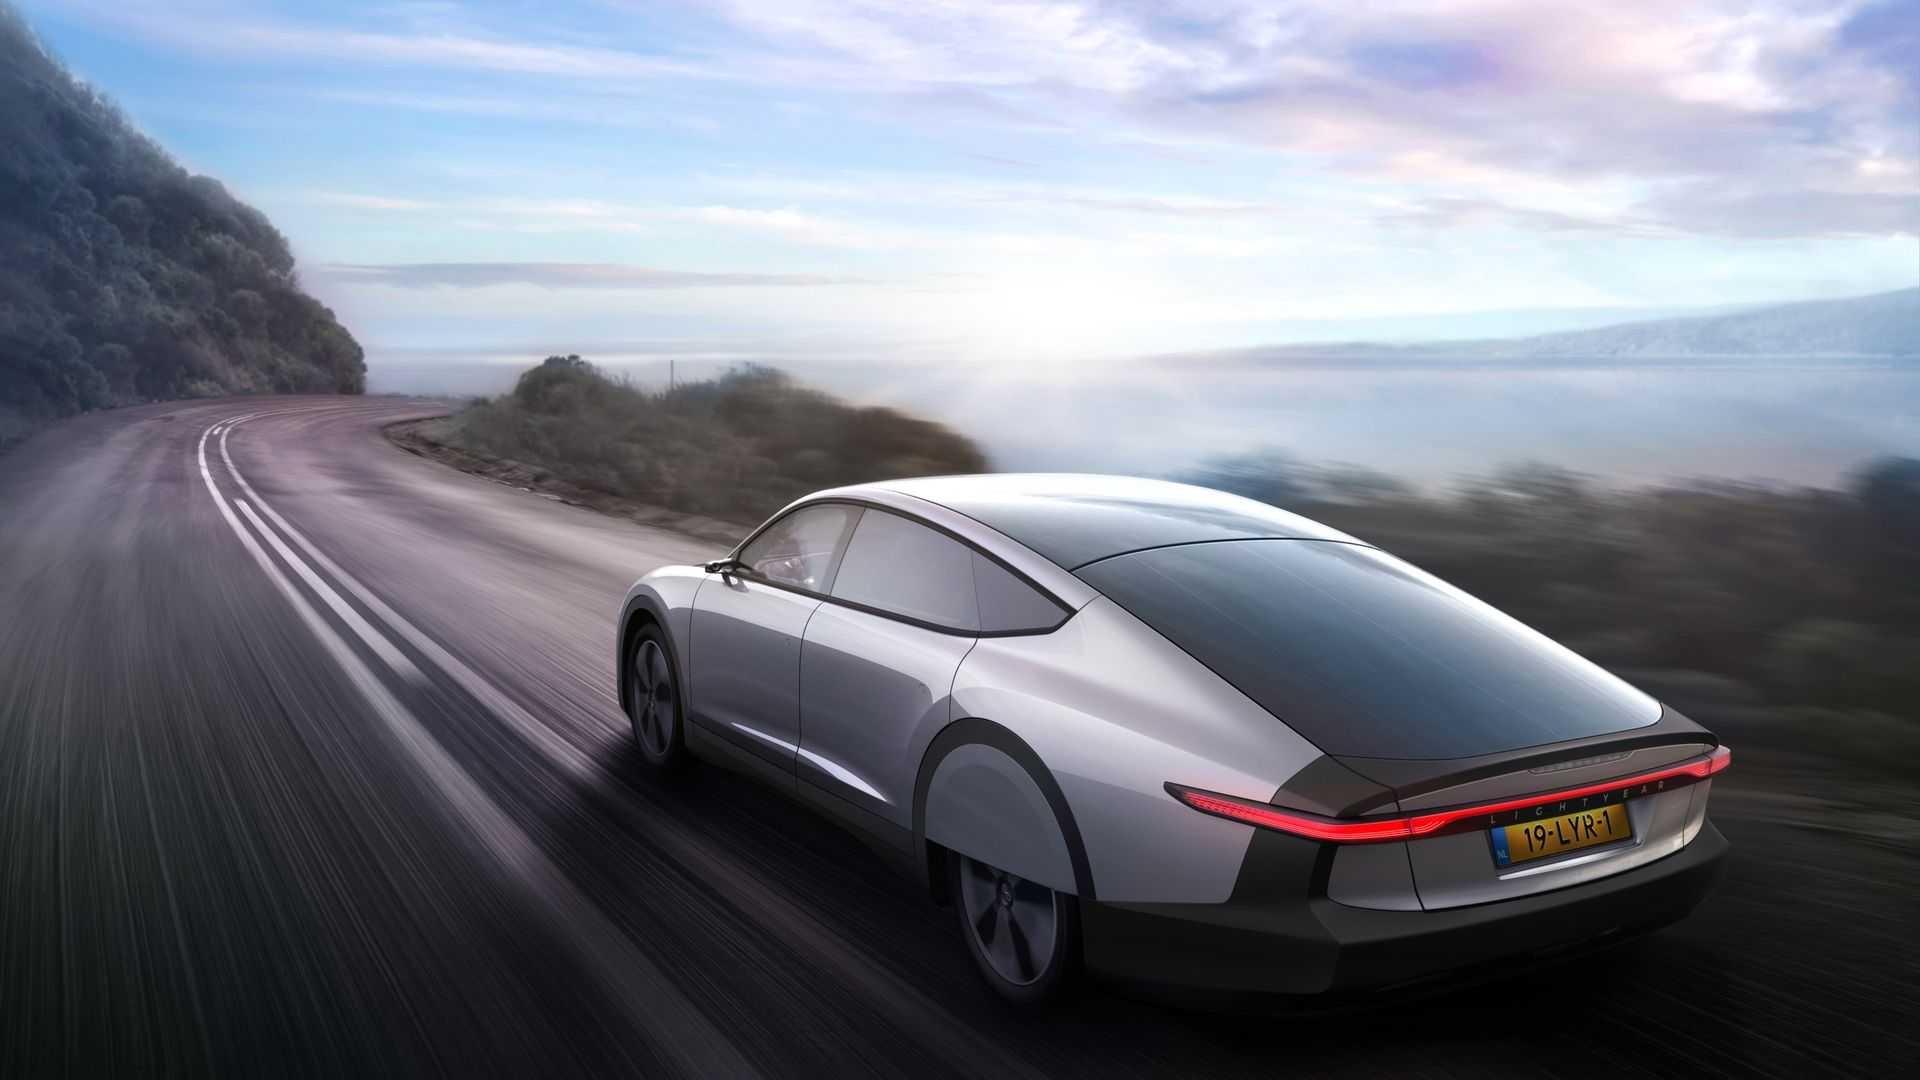 Lightyear发布首款太阳能汽车 WLTP工况续航里程达725公里